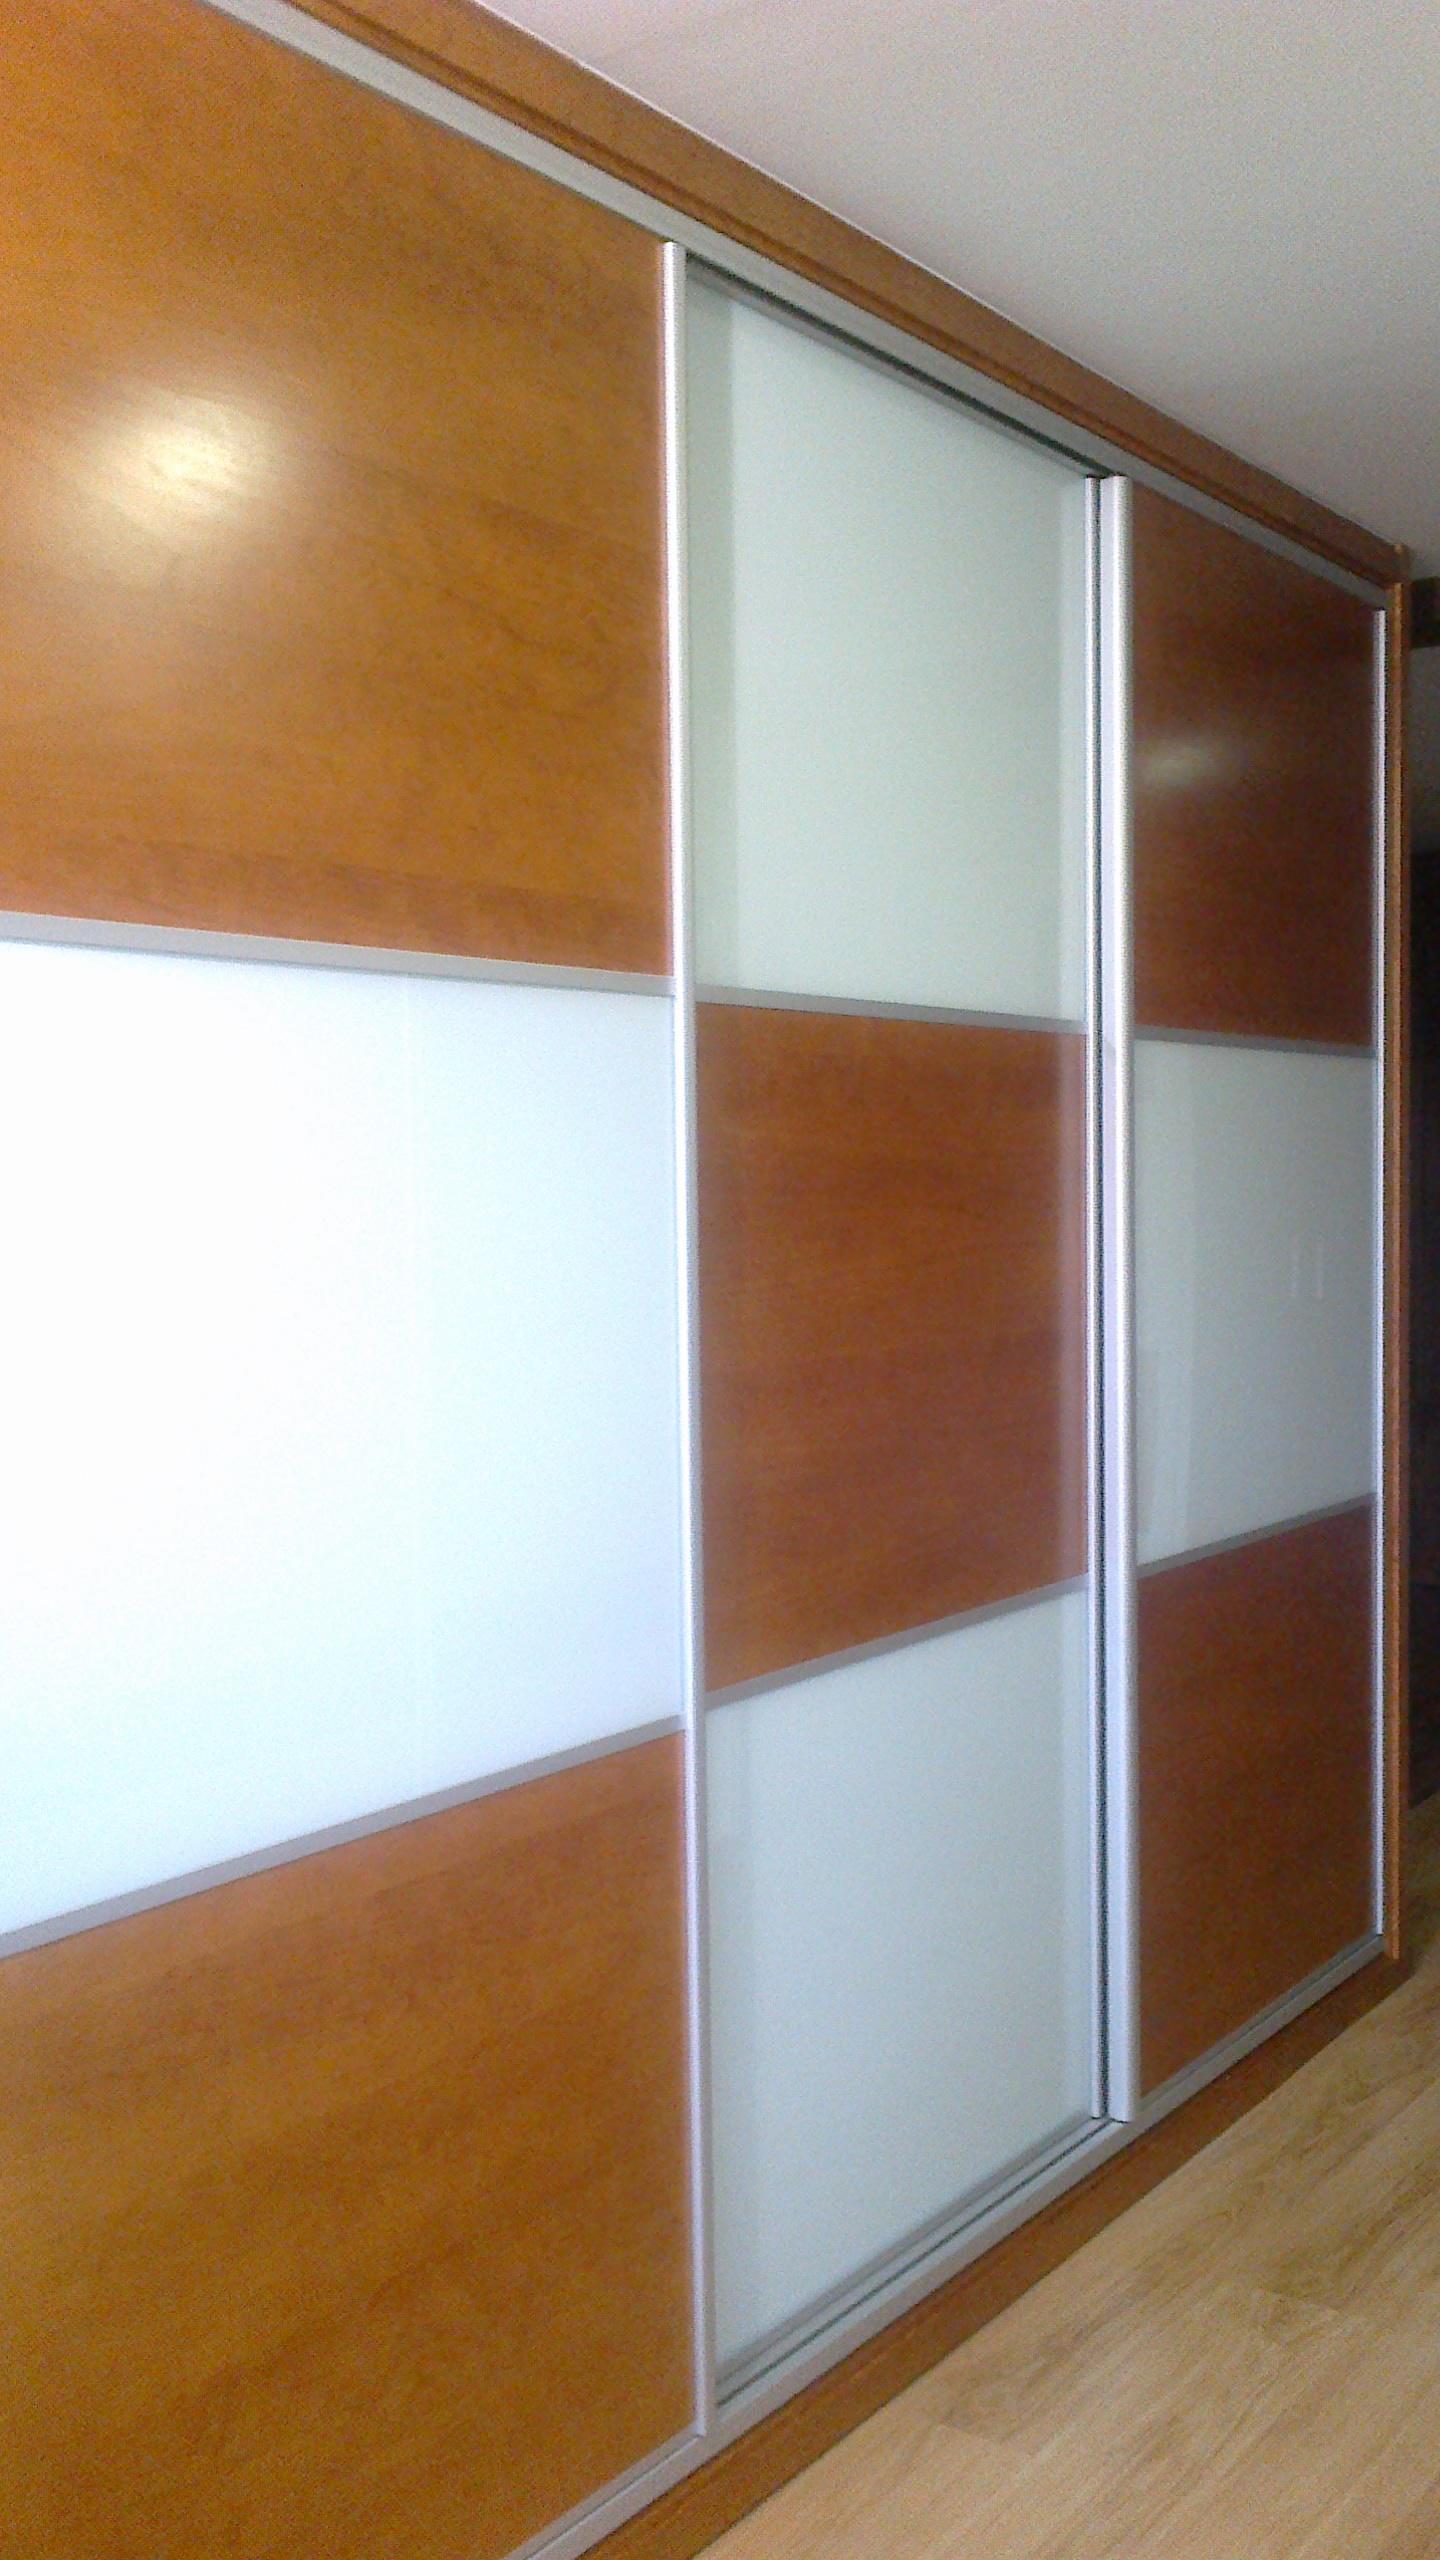 Armario empotrado puertas correderas combinado madera y - Puertas correderas armario empotrado ...